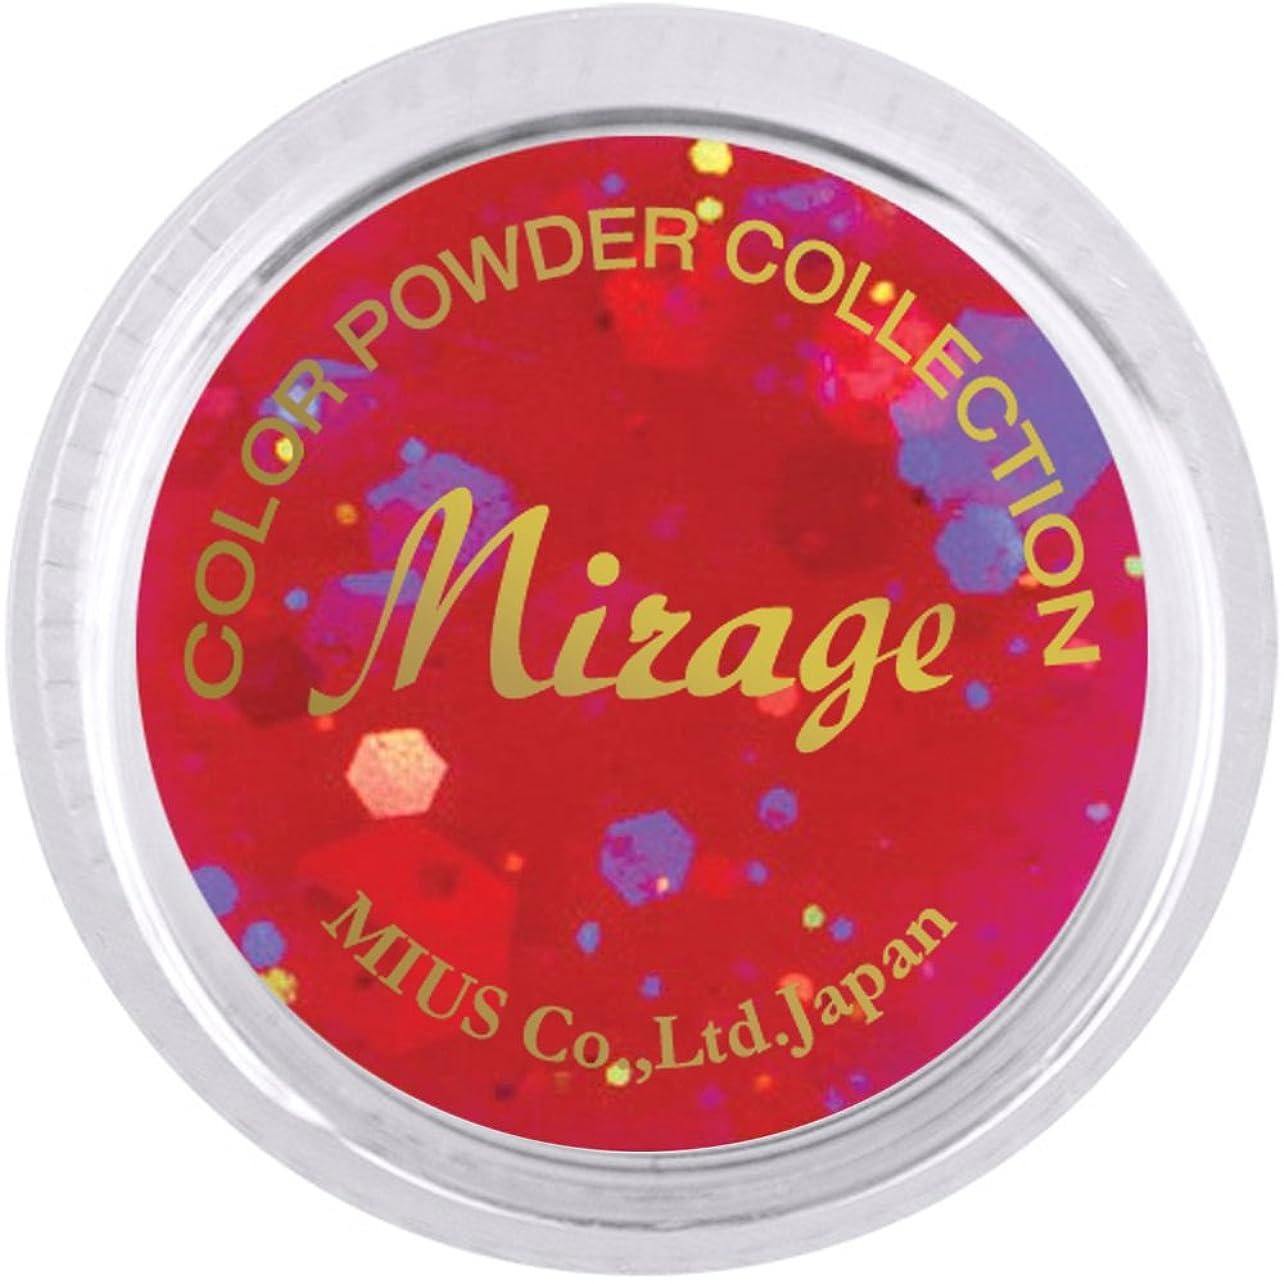 シーン部分的に潜在的なミラージュ カラーパウダー N/WG-6  7g  アクリルパウダー デカラメたっぷり元気なビビッドカラー